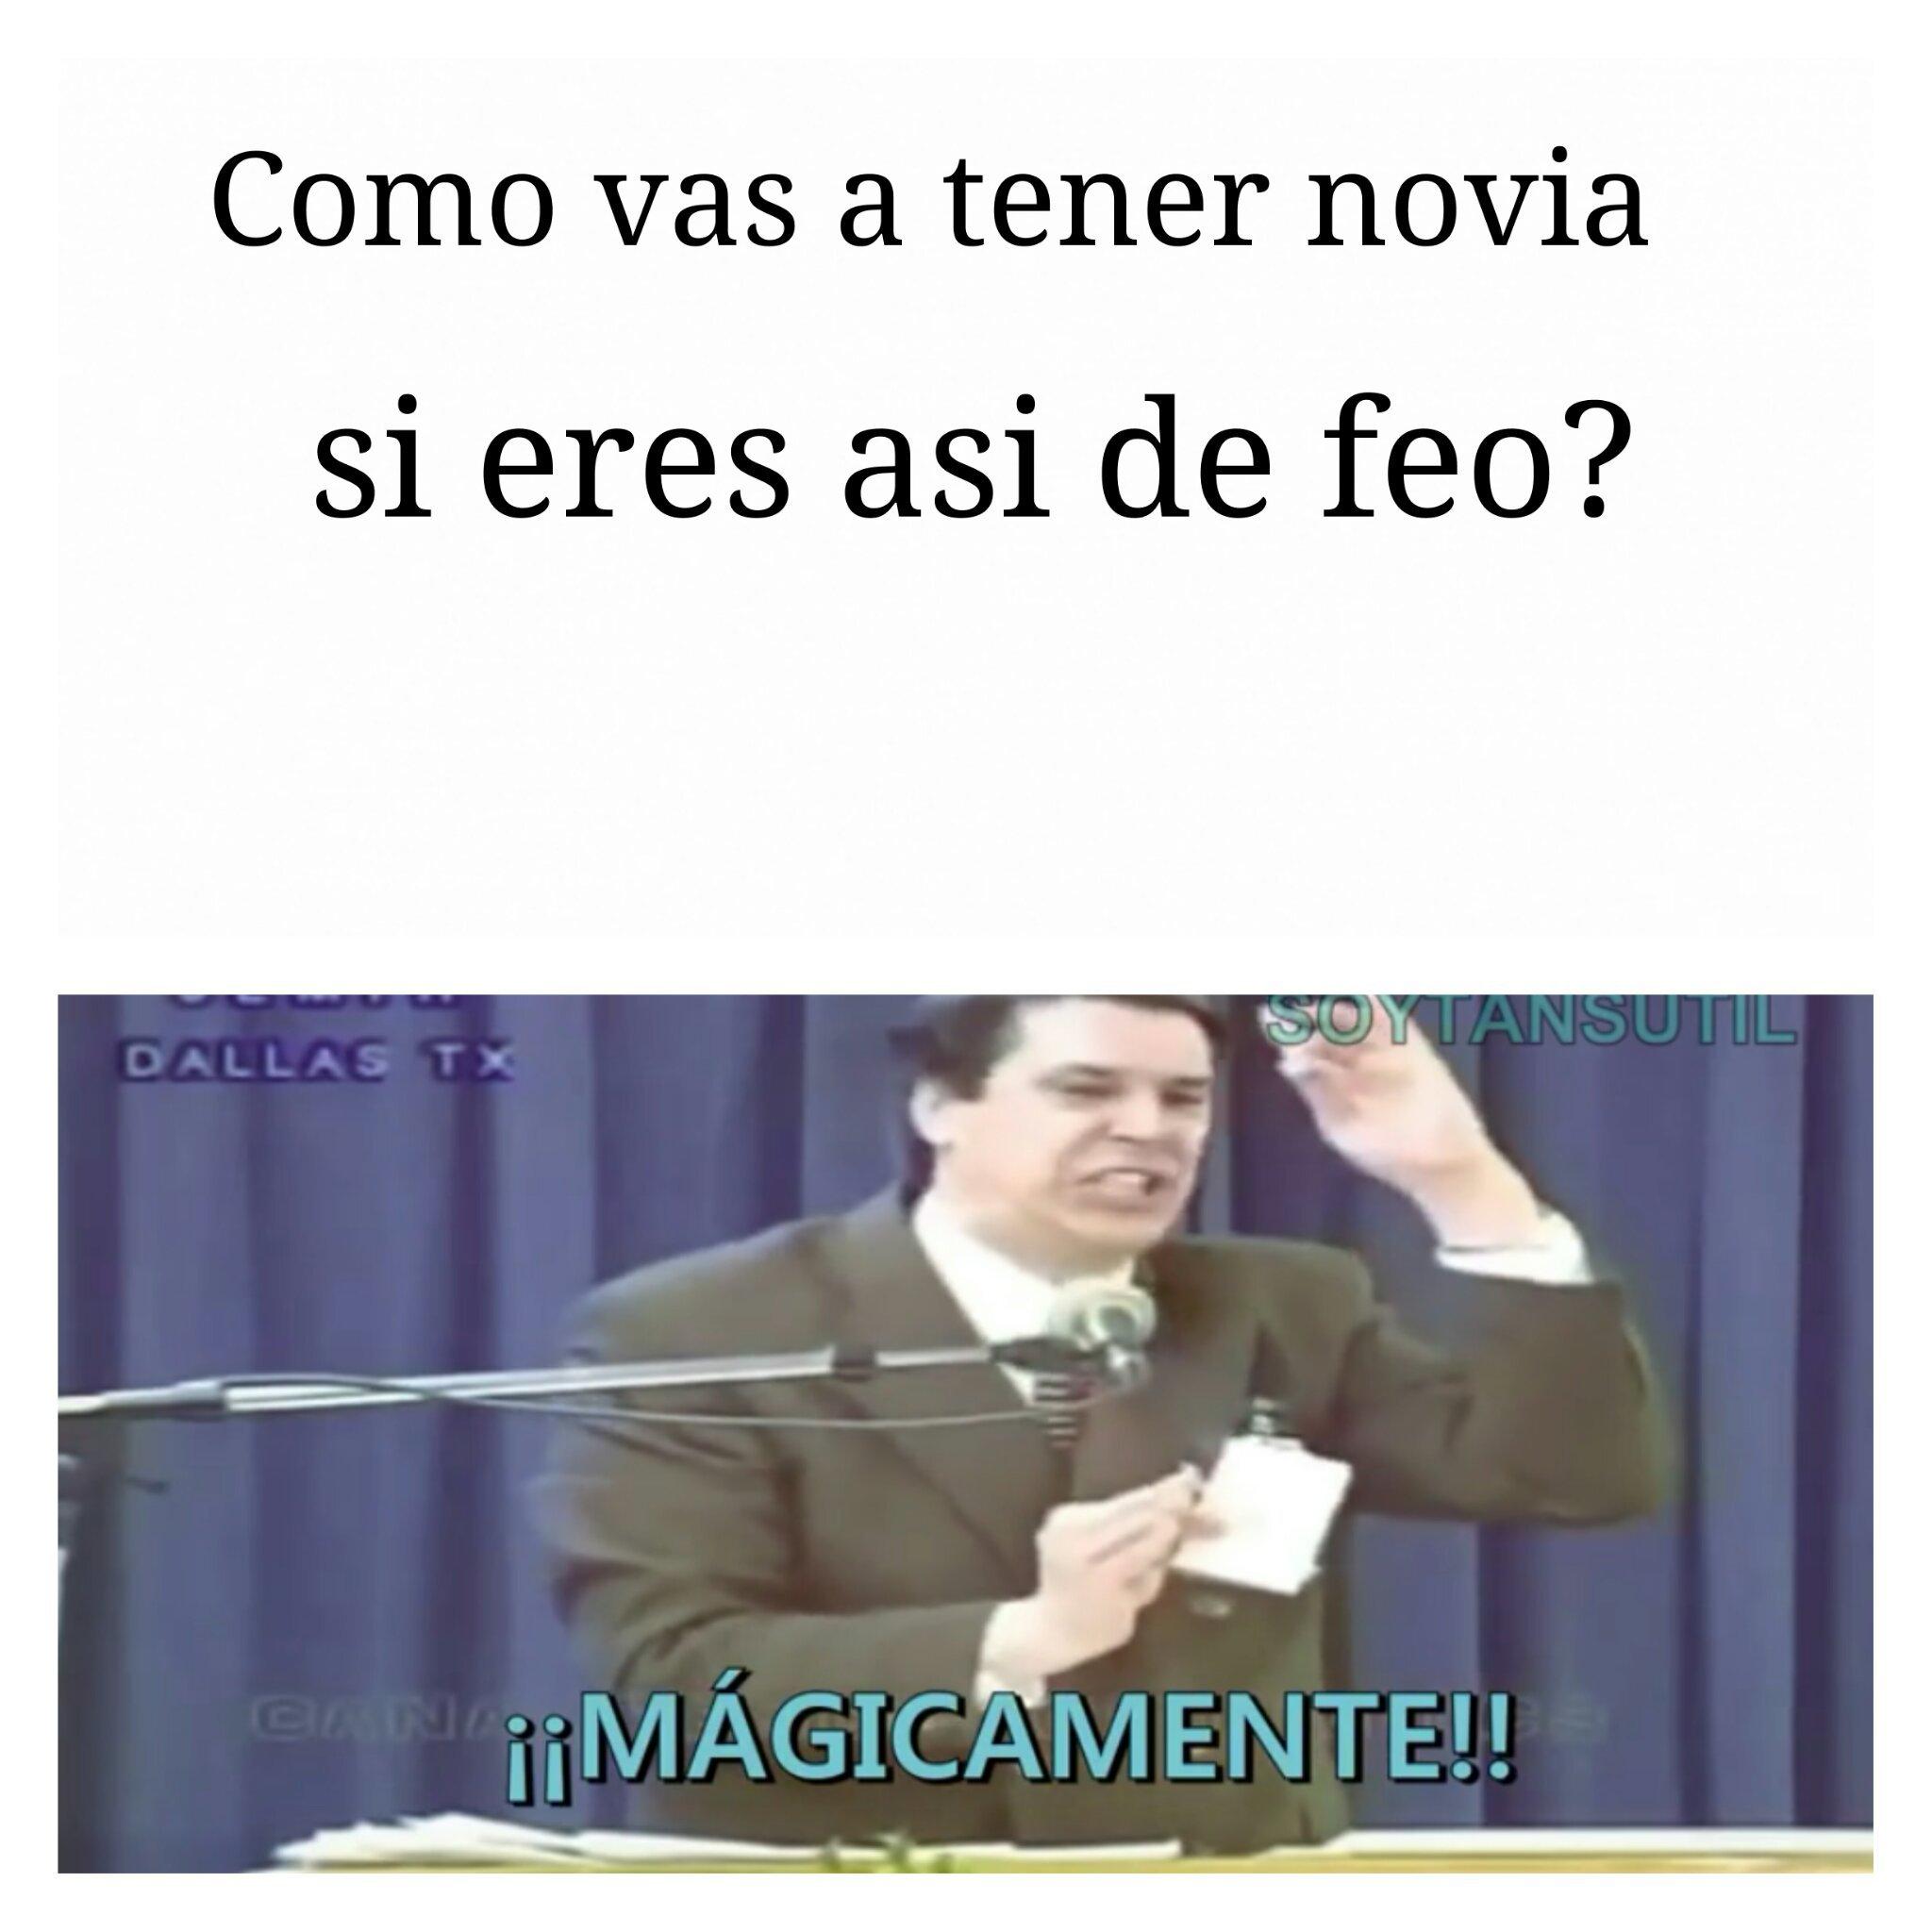 Magicamente papu :v - meme